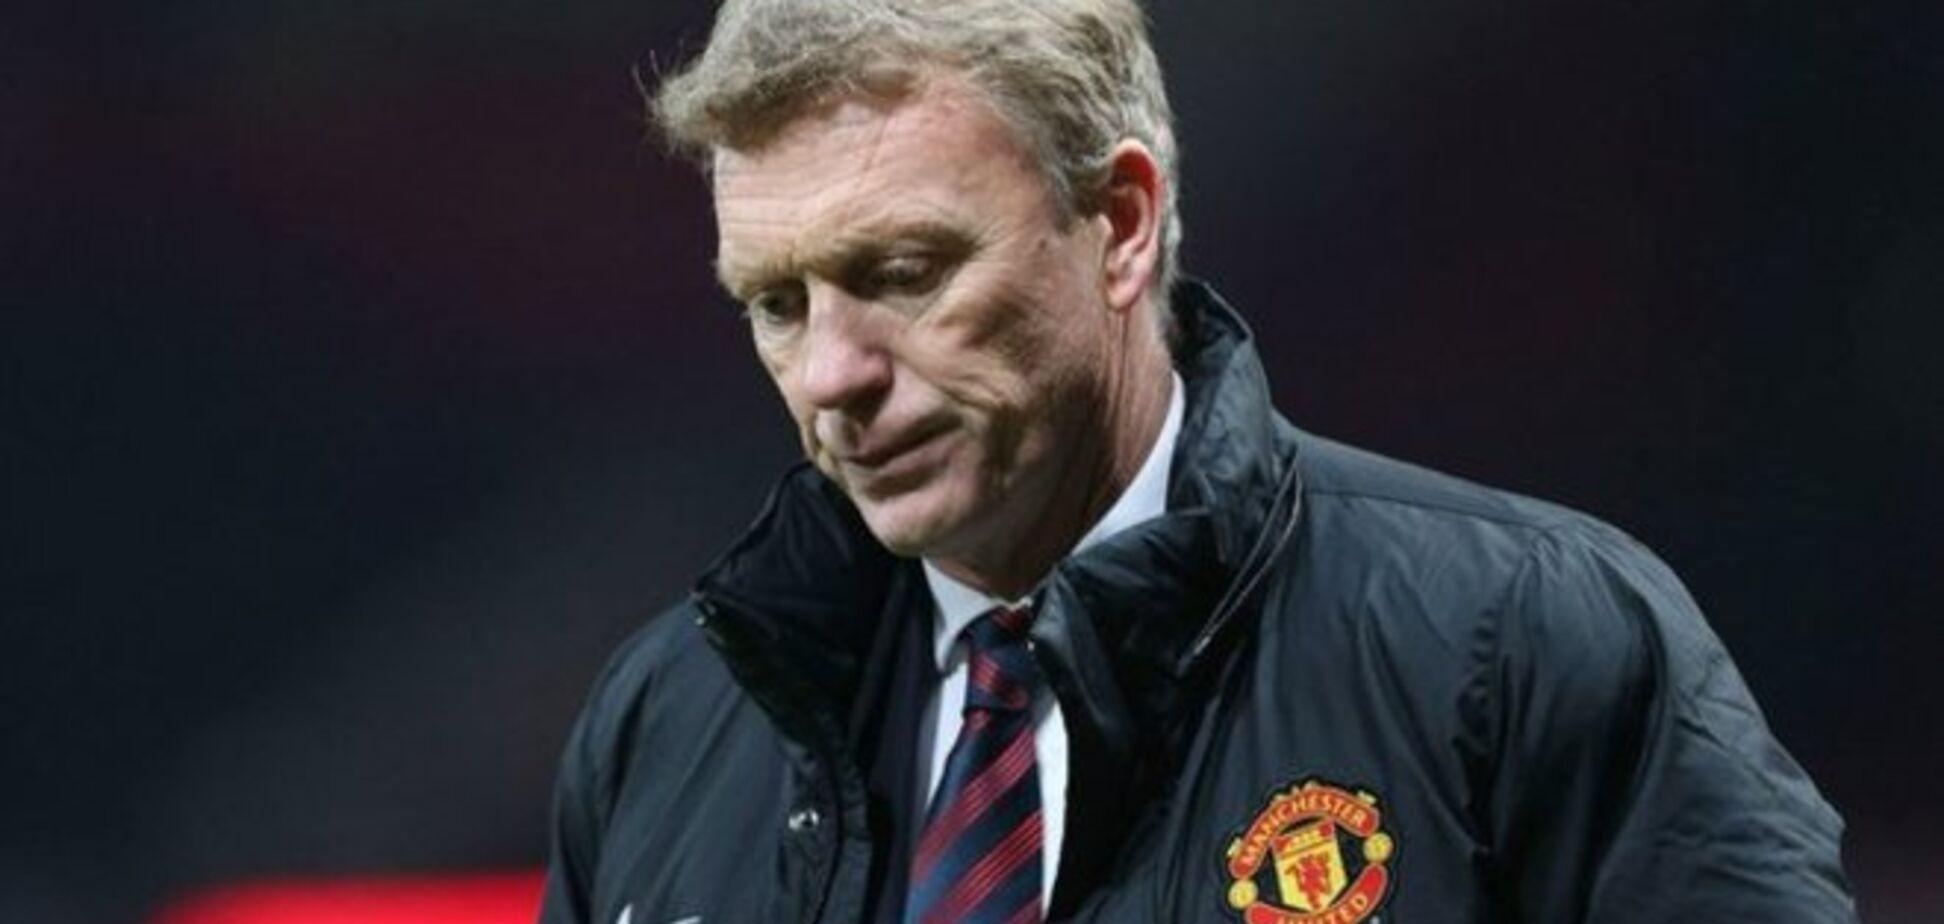 Экс-тренер 'Манчестер Юнайтед' Мойес вызван на допрос в полицию